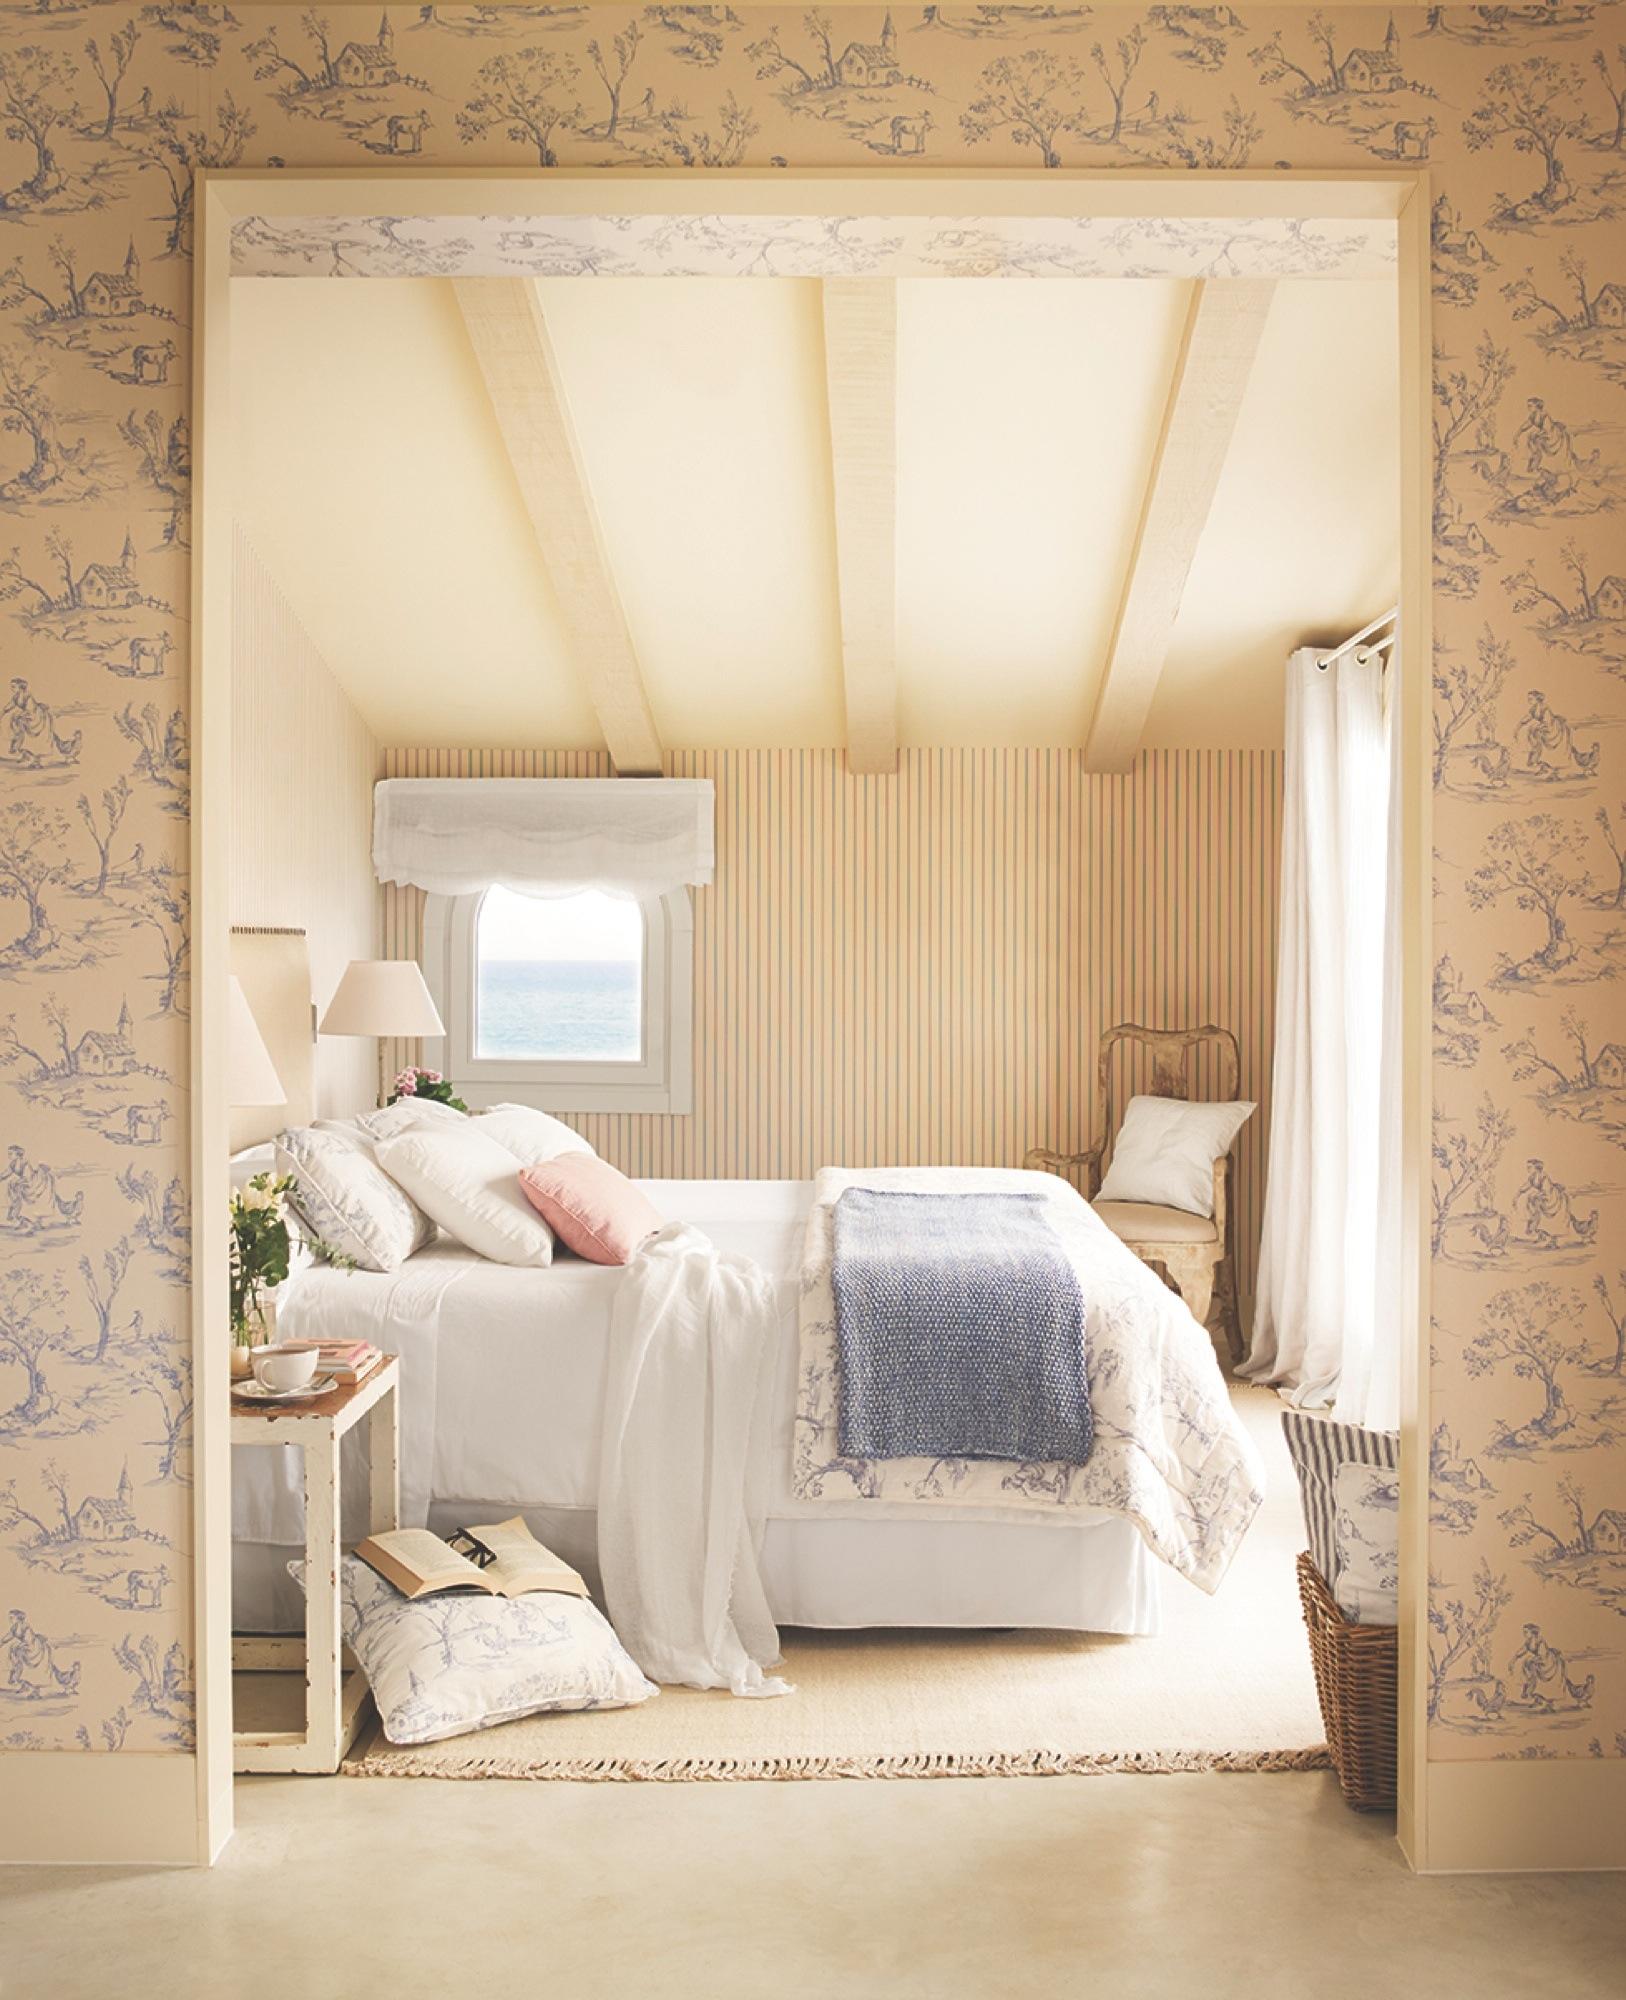 20 dormitorios con muchas ideas - Dormitorio beige ...